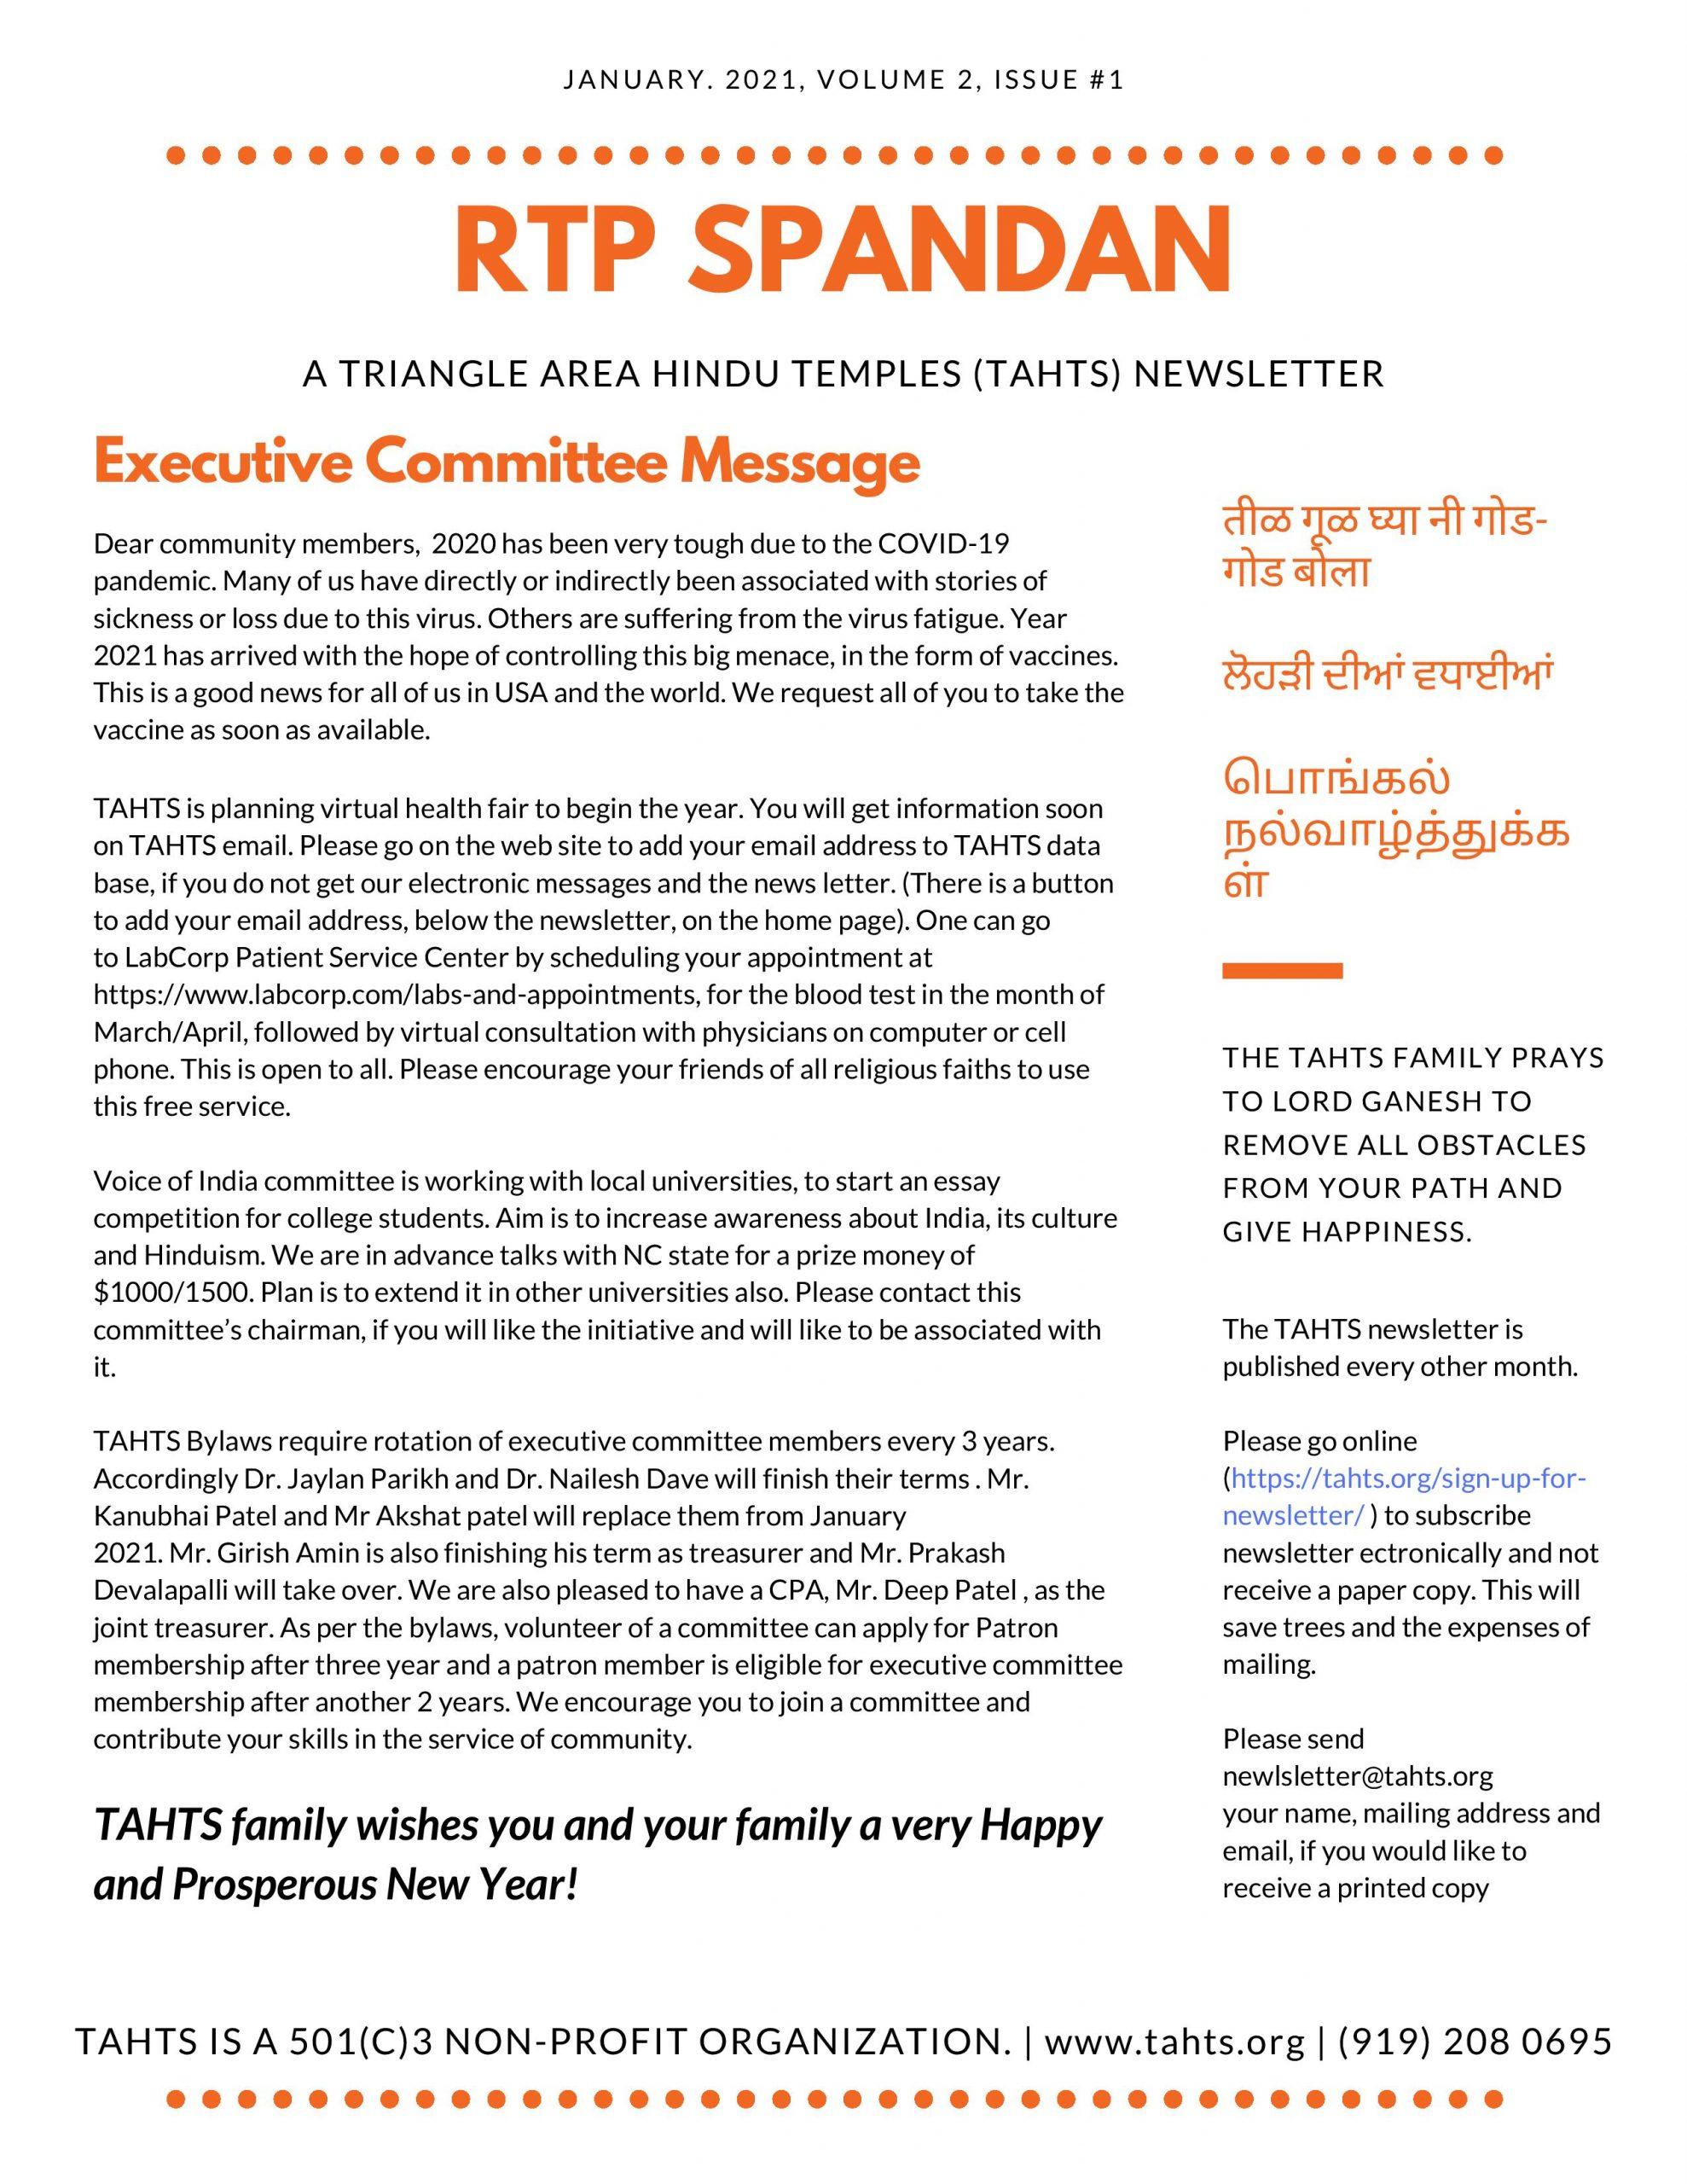 TAHTS Newsletter Nov 2020